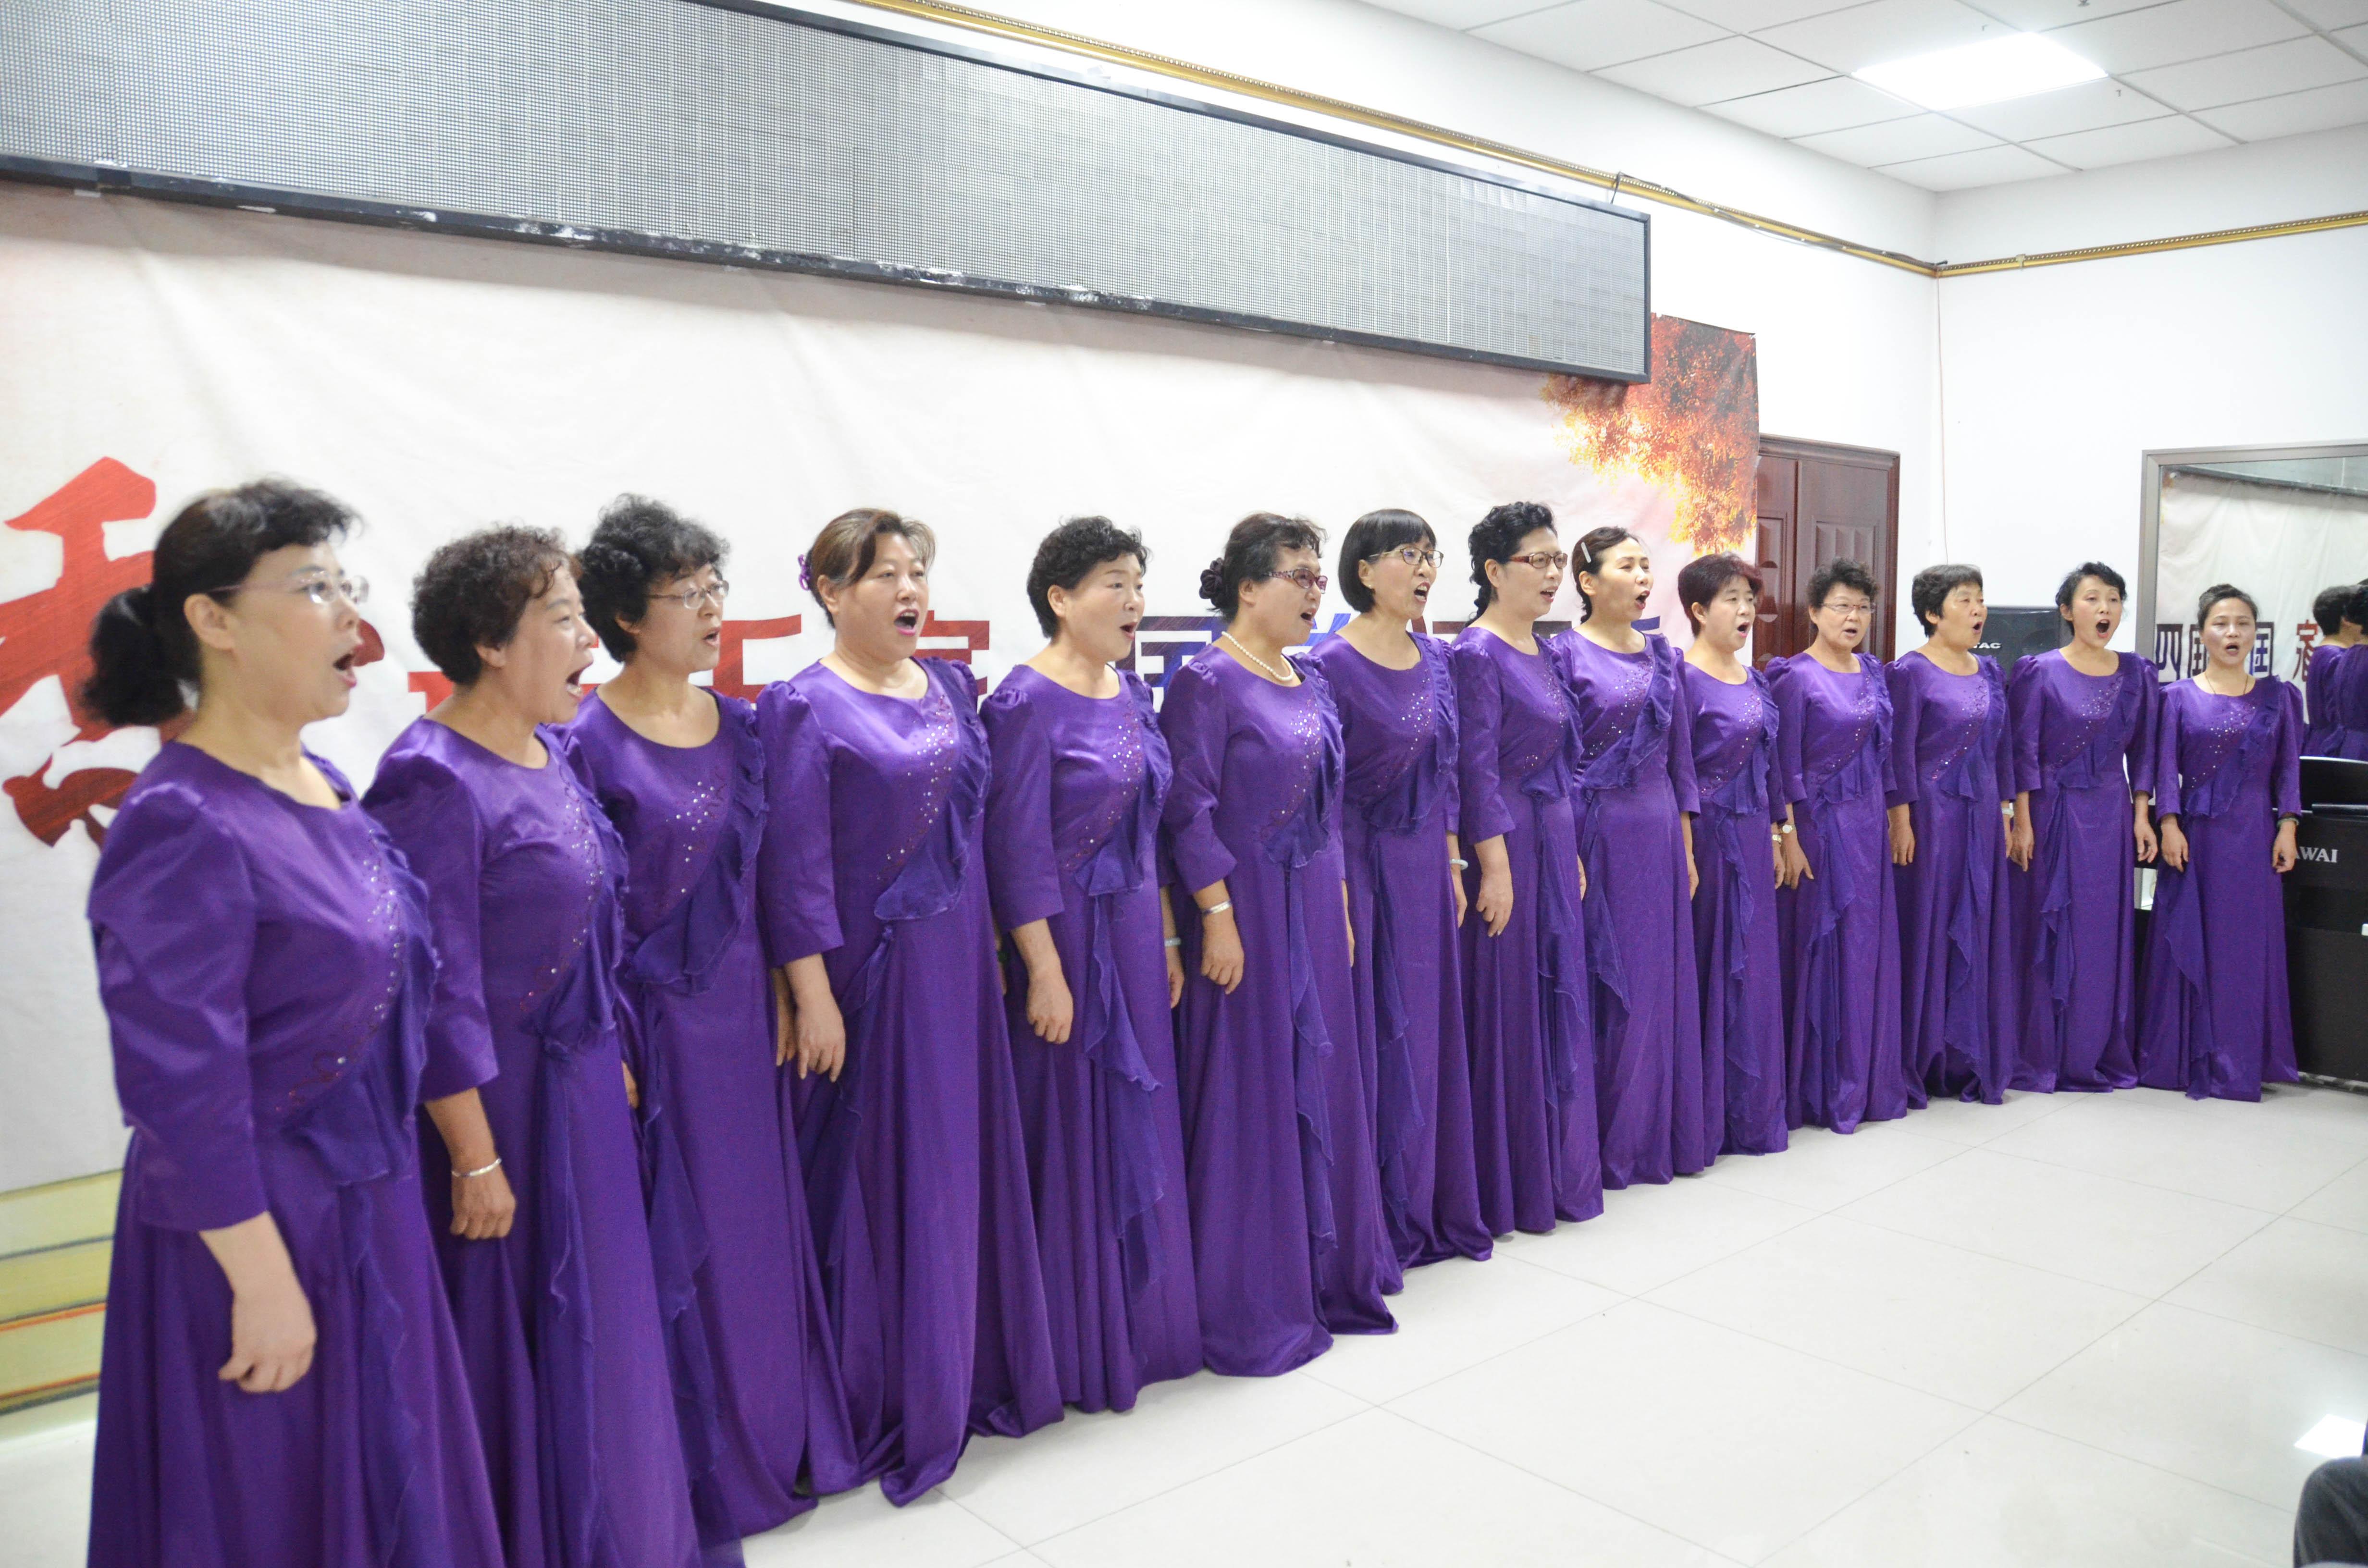 西黄新村西里社区合唱队为大家演唱了《送别》《茉莉花》两首经典曲目图片